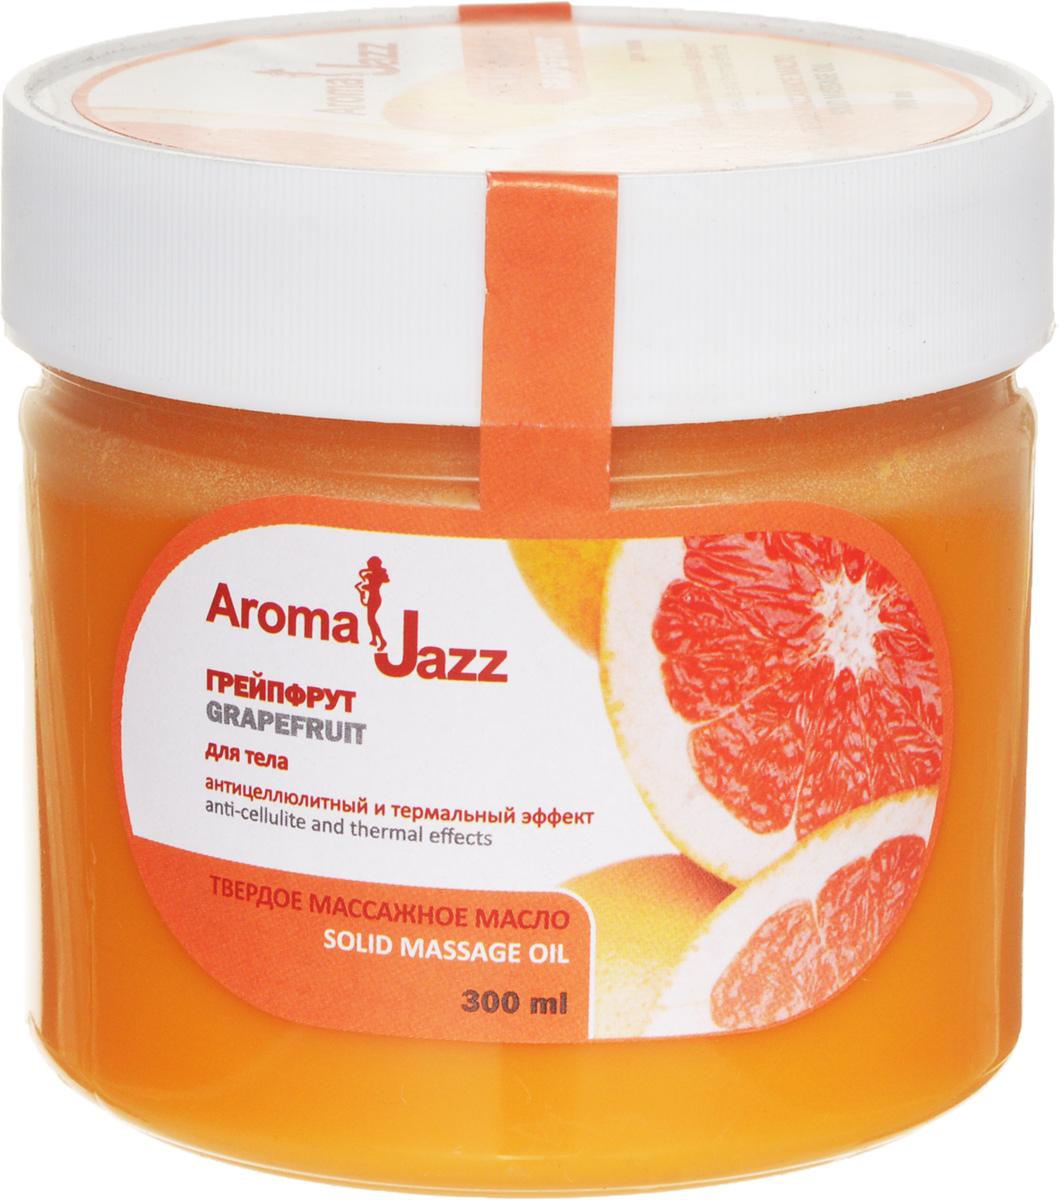 Aroma Jazz Твердое масло Антицеллюлитное Грейпфрут, 300 млFS-36054Действие: повышает упругость кожи, укрепляет стенки капилляров, ускоряет кровообращение, выводит из организма токсины и шлаки, обладает выраженными антицеллюлитным и разогревающим свойствами. Масло отлично подходит не только для различных видов массажа, но и для процедур обертывания. Противопоказания: индивидуальная непереносимость компонентов продукта. Срок хранения: 24 месяца. После вскрытия упаковки использовать в течении 6 месяцев.